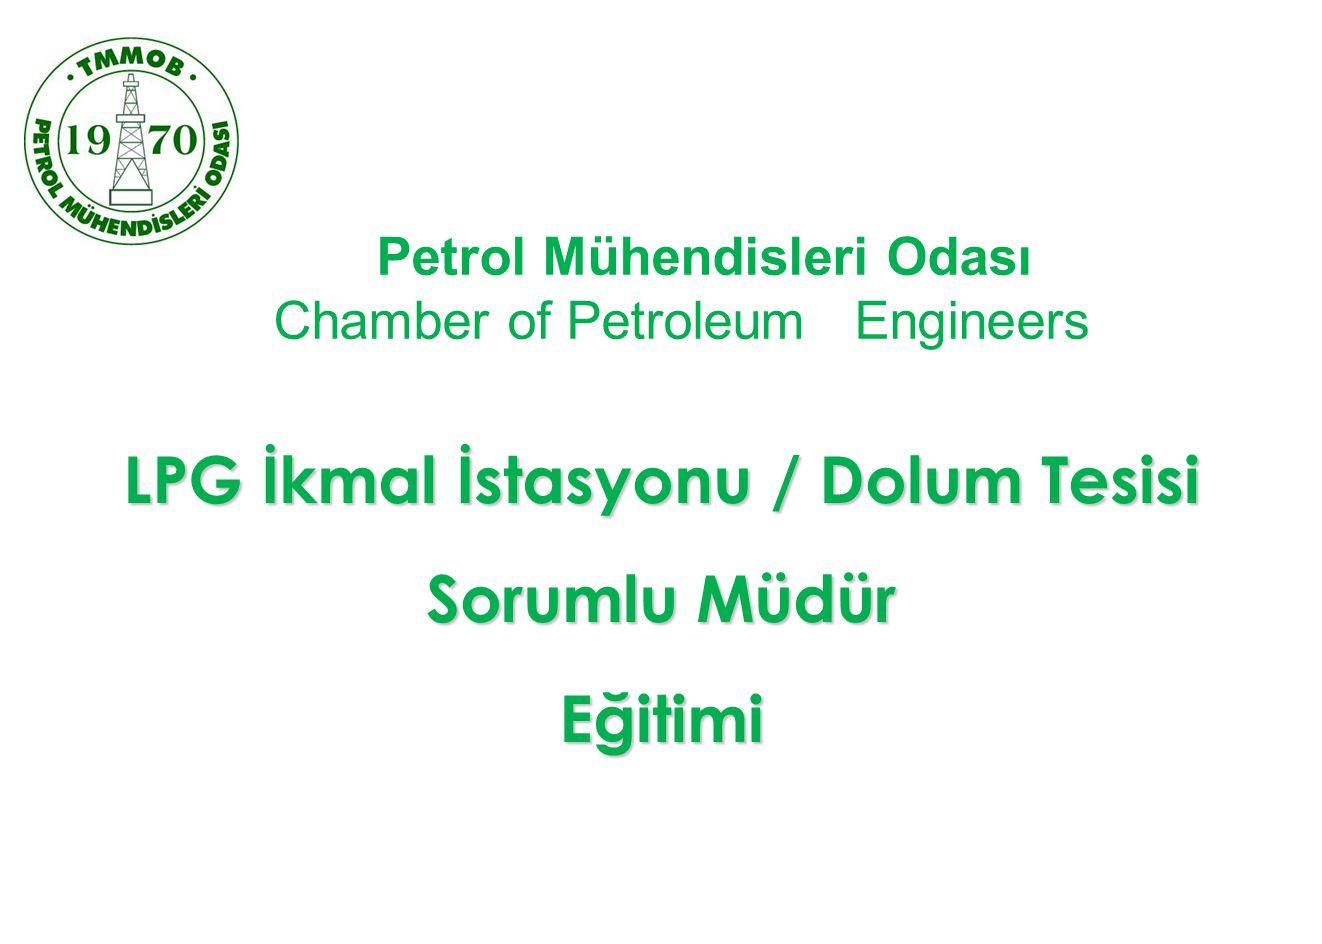 LPG İkmal İstasyonu / Dolum Tesisi Sorumlu Müdür Eğitimi Petrol Mühendisleri Odası Chamber of Petroleum Engineers